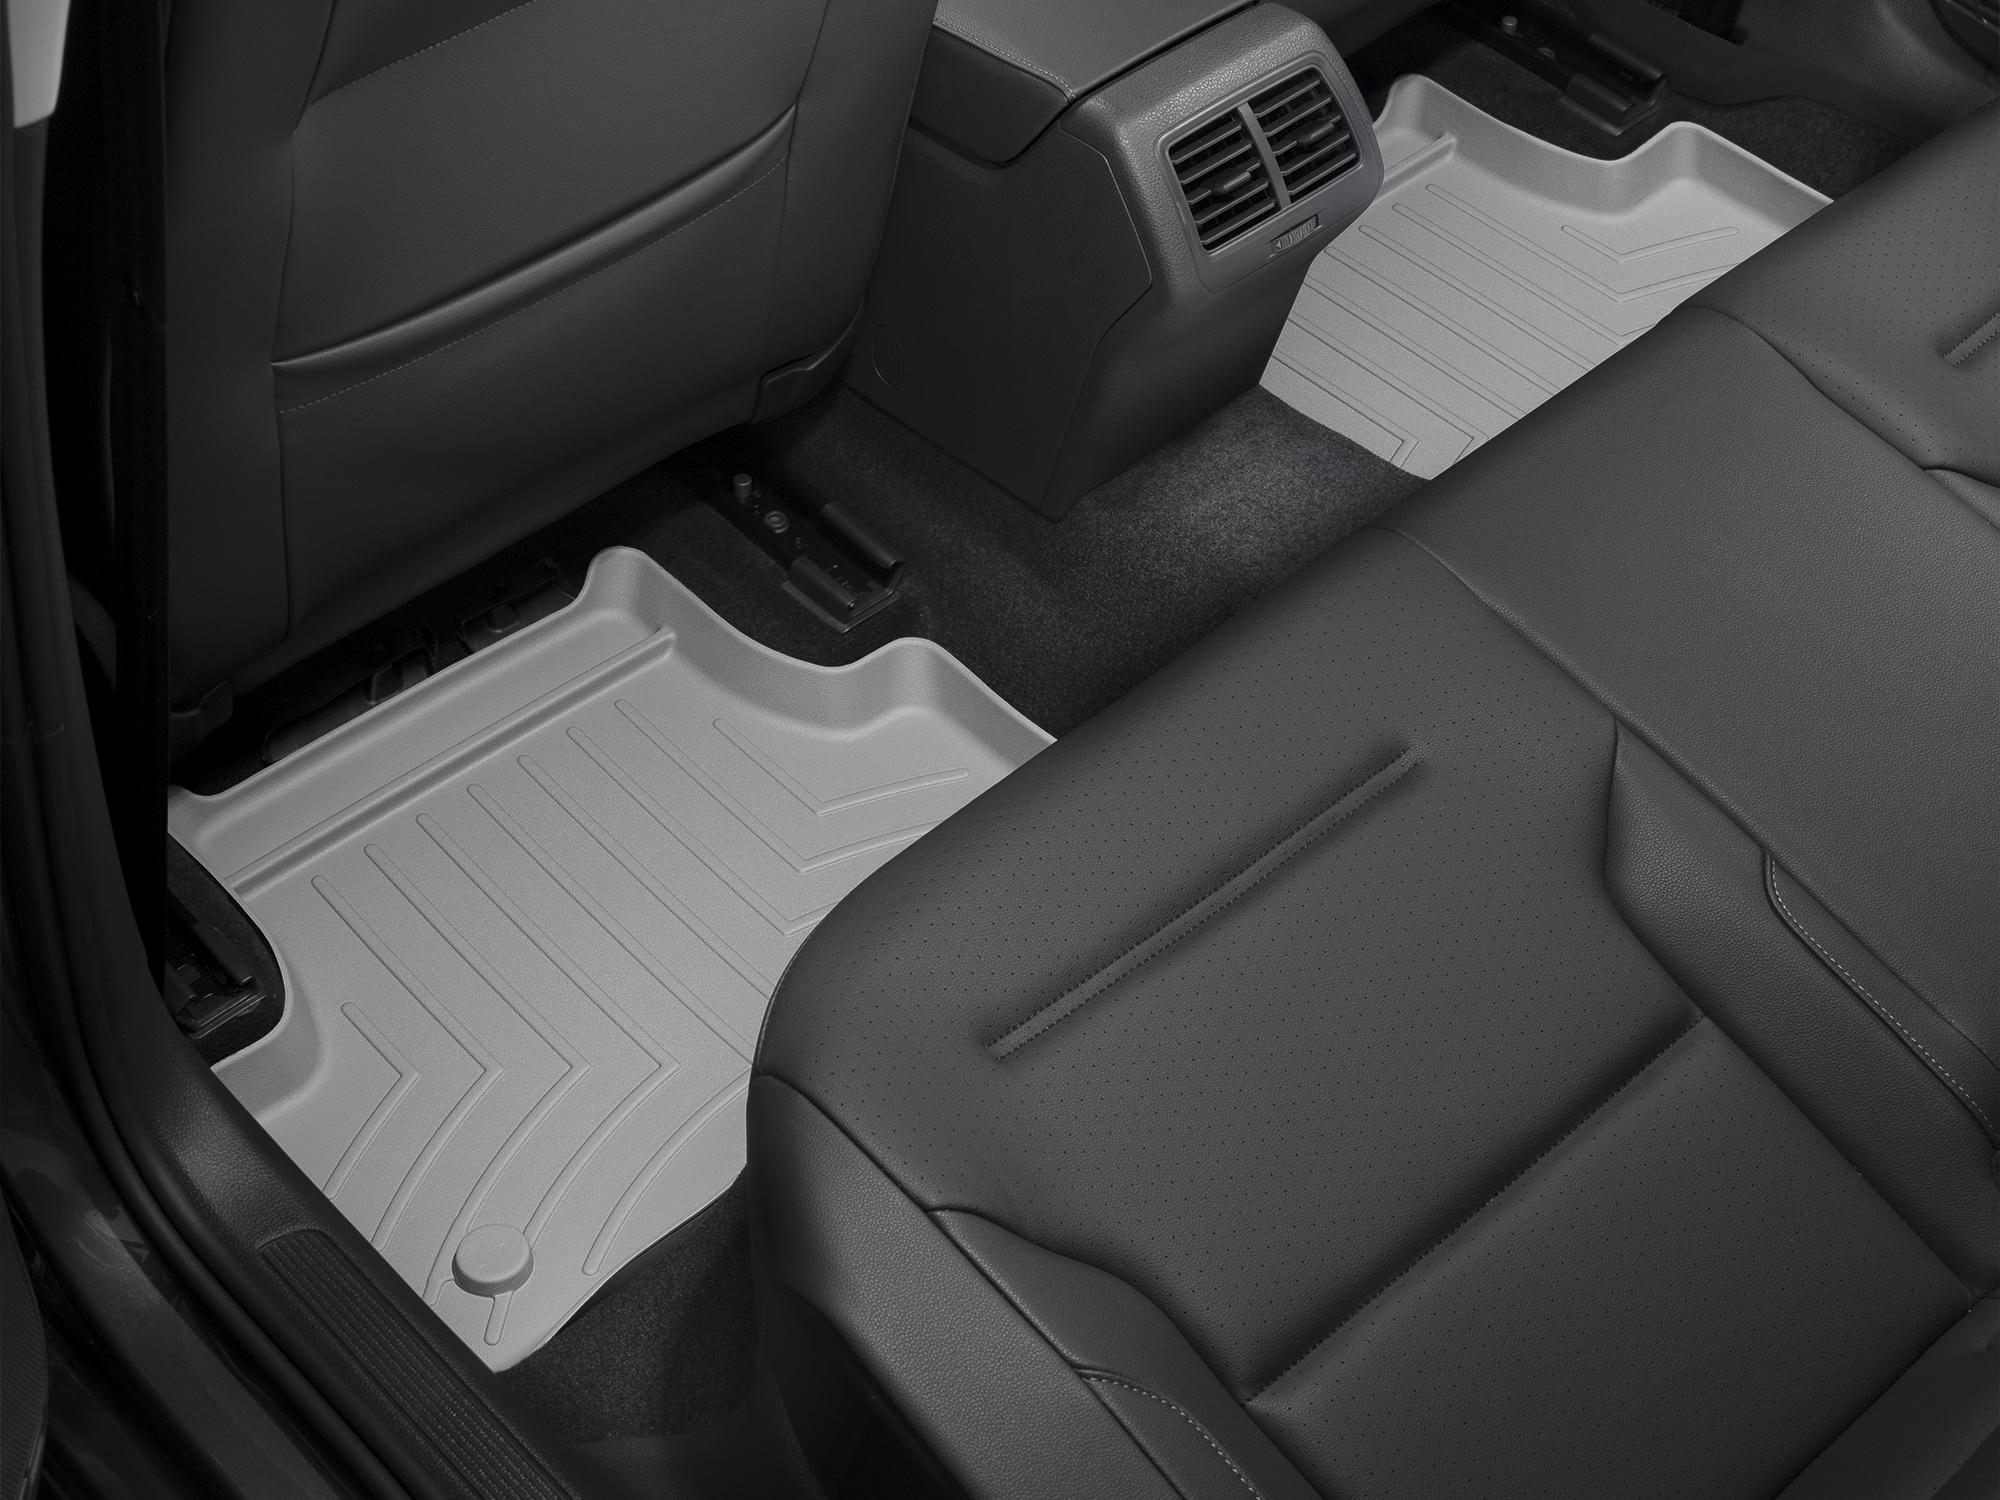 Tappeti gomma su misura bordo alto Volkswagen Golf 13>17 Grigio A4059*